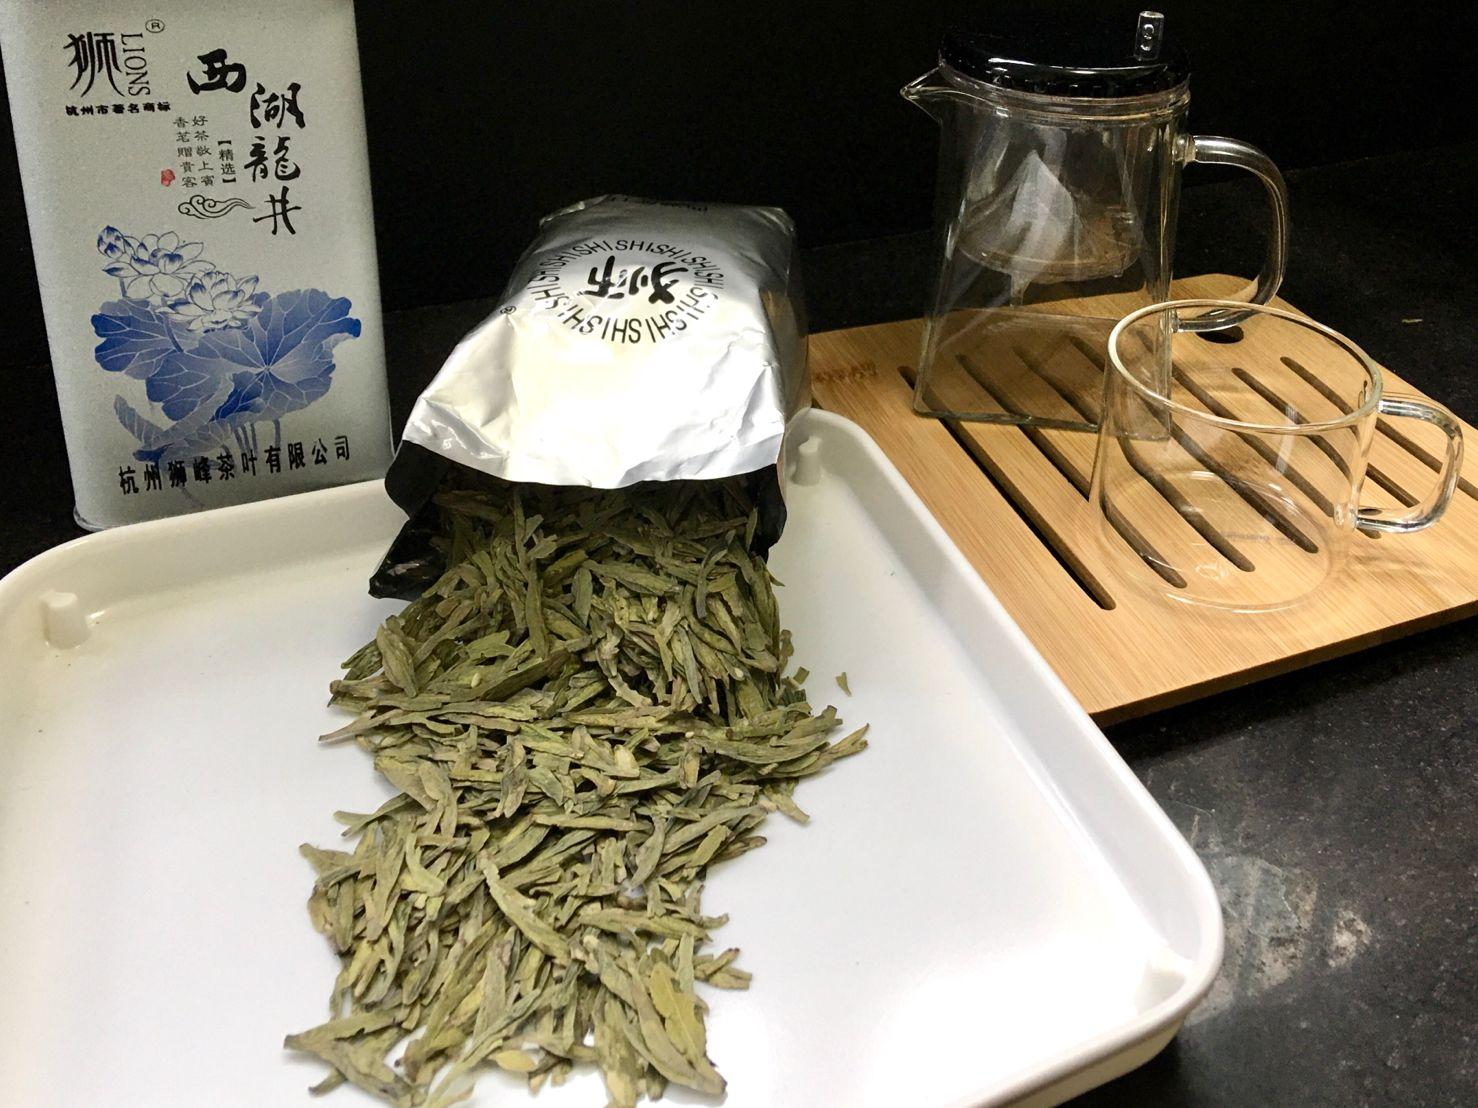 Shī Fēng Lóng Jǐng Lǜ Chá, 狮峰龙井绿茶, Lion Peak Dragon Well Green Tea